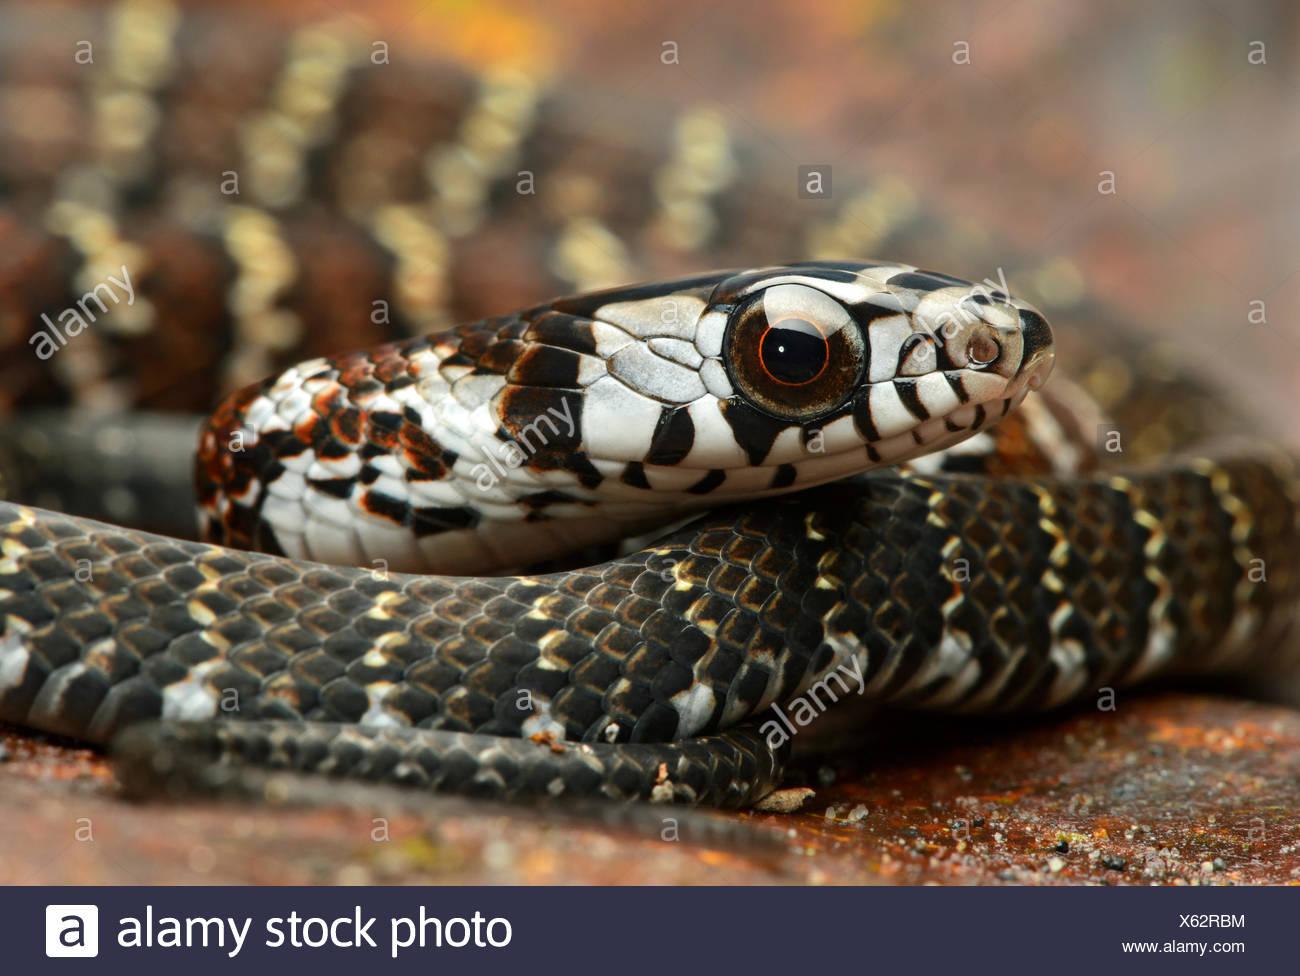 Tawny Racer (Dendrophidion dendrophis forestal), la serpiente (Colubridae), selva amazónica, Parque Nacional Yasuní, Ecuador Imagen De Stock